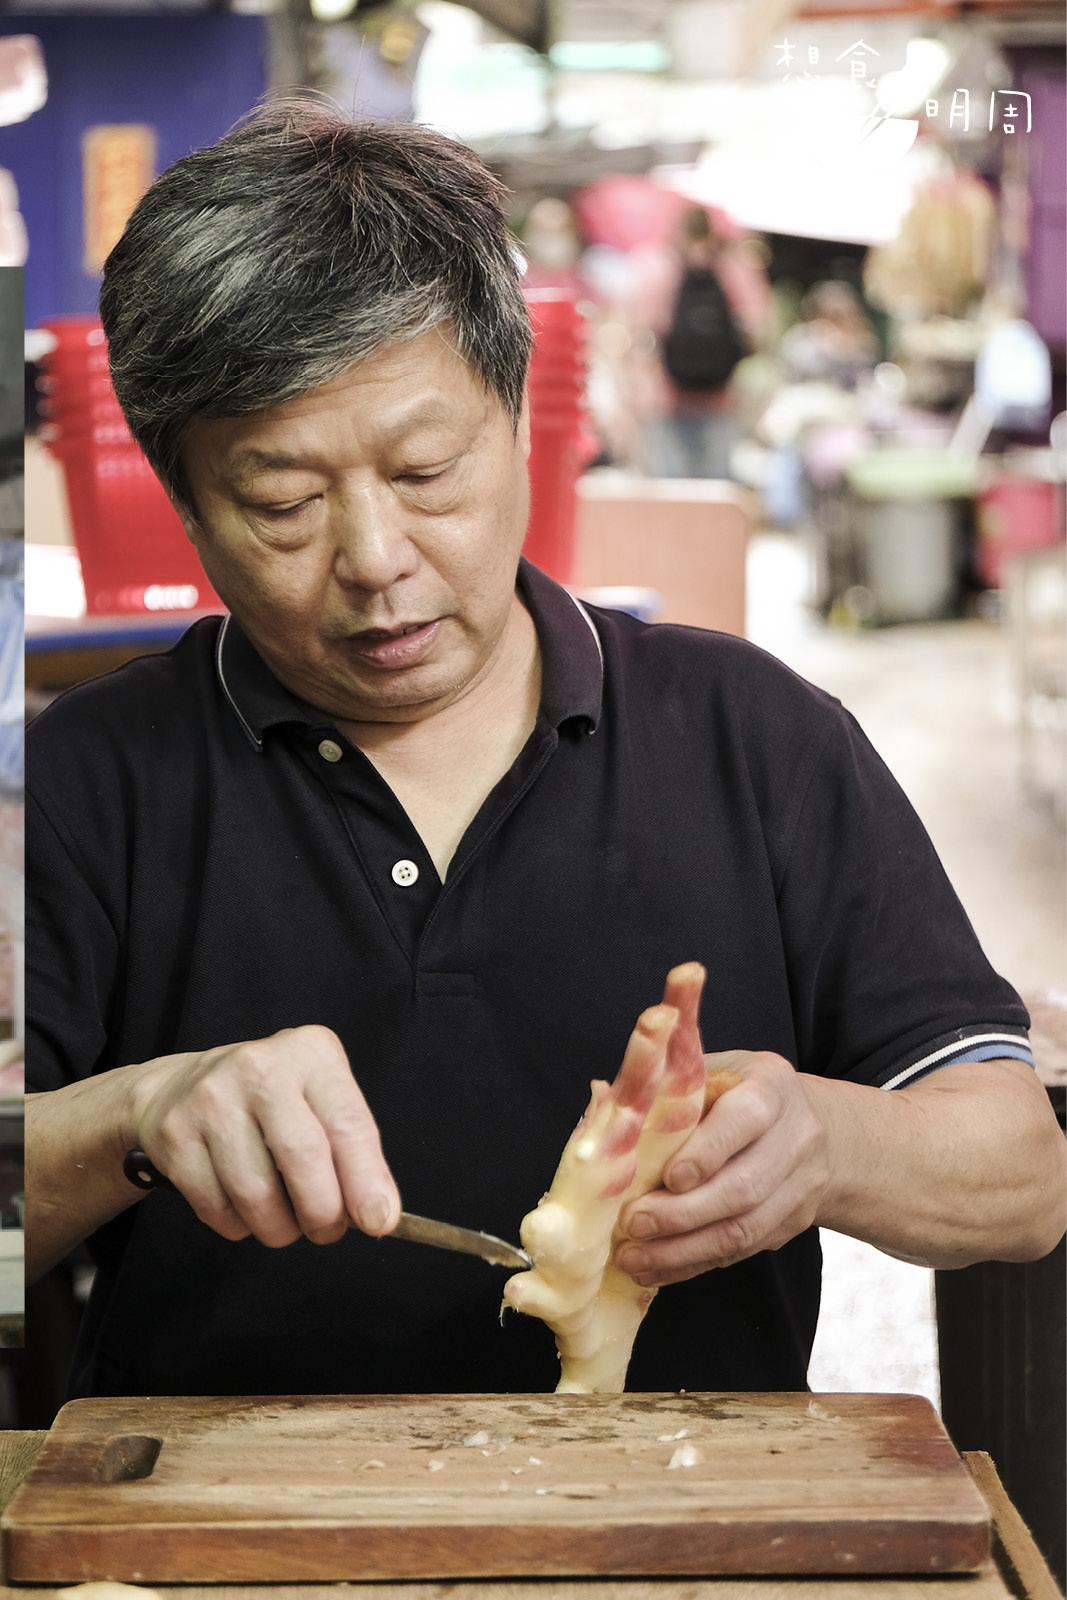 中環百年菜檔劉林記的第三代主 理人劉樹棠,每年初夏都會親自醃薑,他的子薑更被稱為「中環名物」!